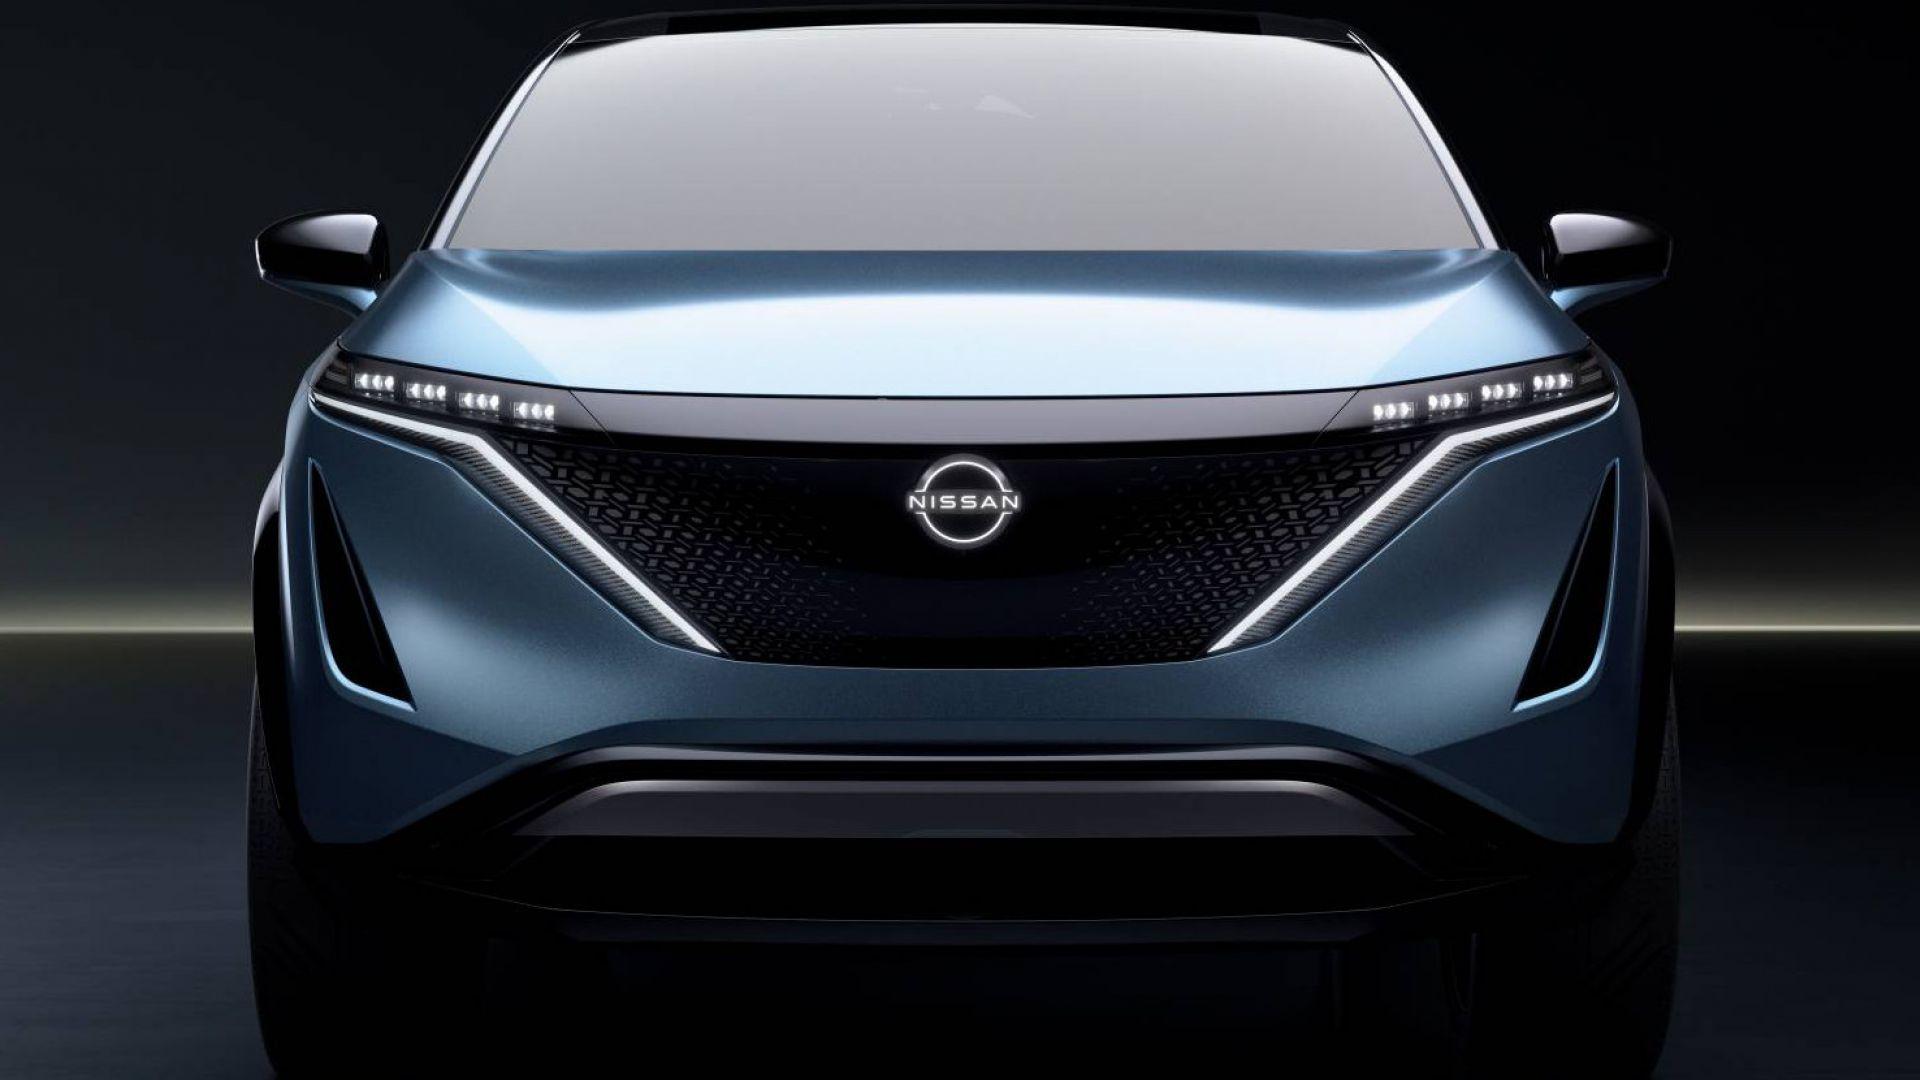 Nuova Nissan Qashqai in ritardo: il debutto solo ad aprile ...